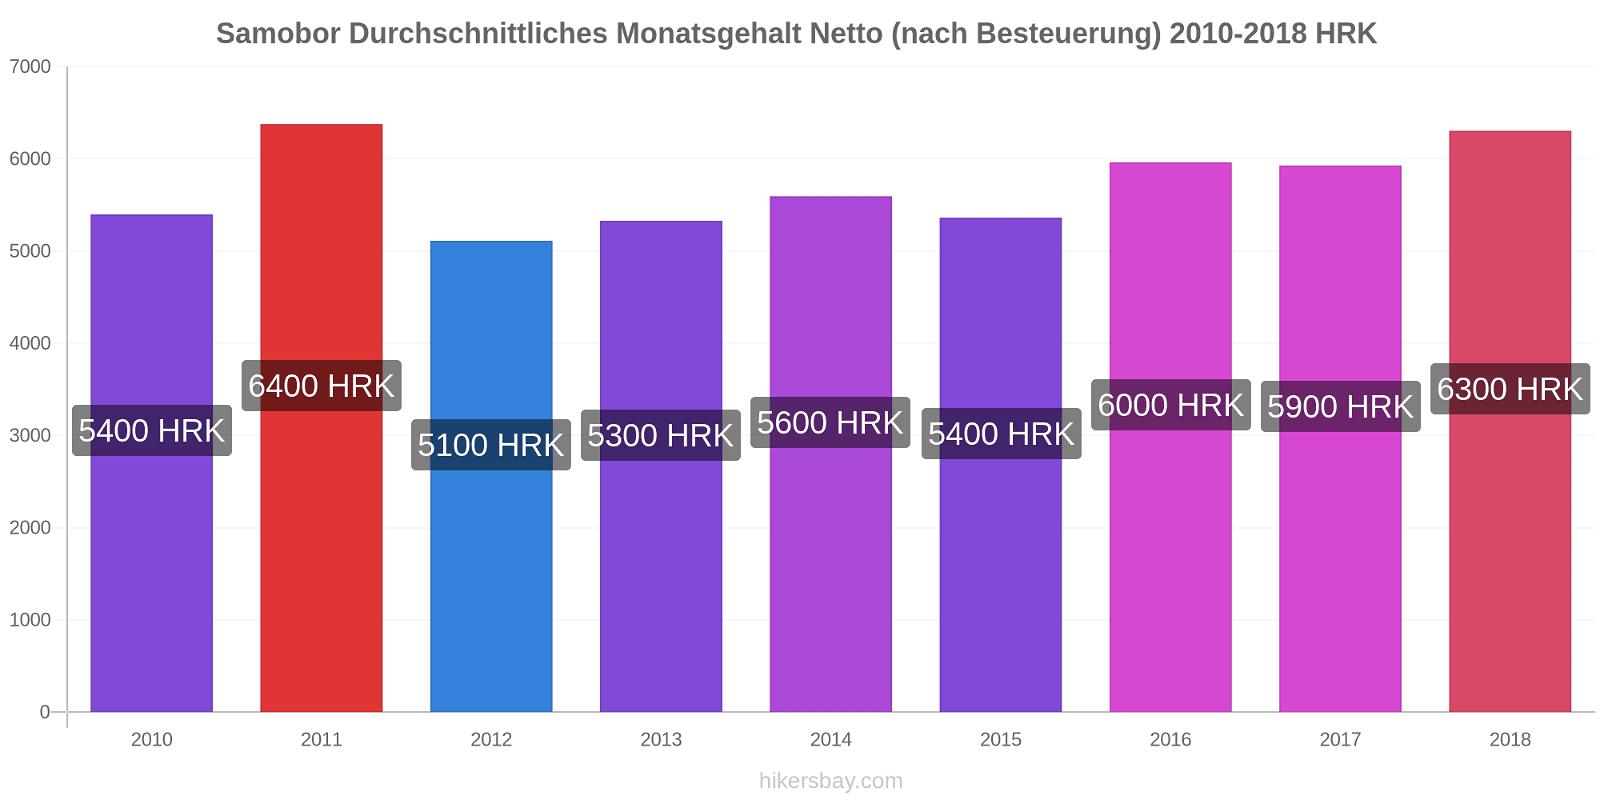 Samobor Preisänderungen Durchschnittliches Monatsgehalt Netto (nach Besteuerung) hikersbay.com